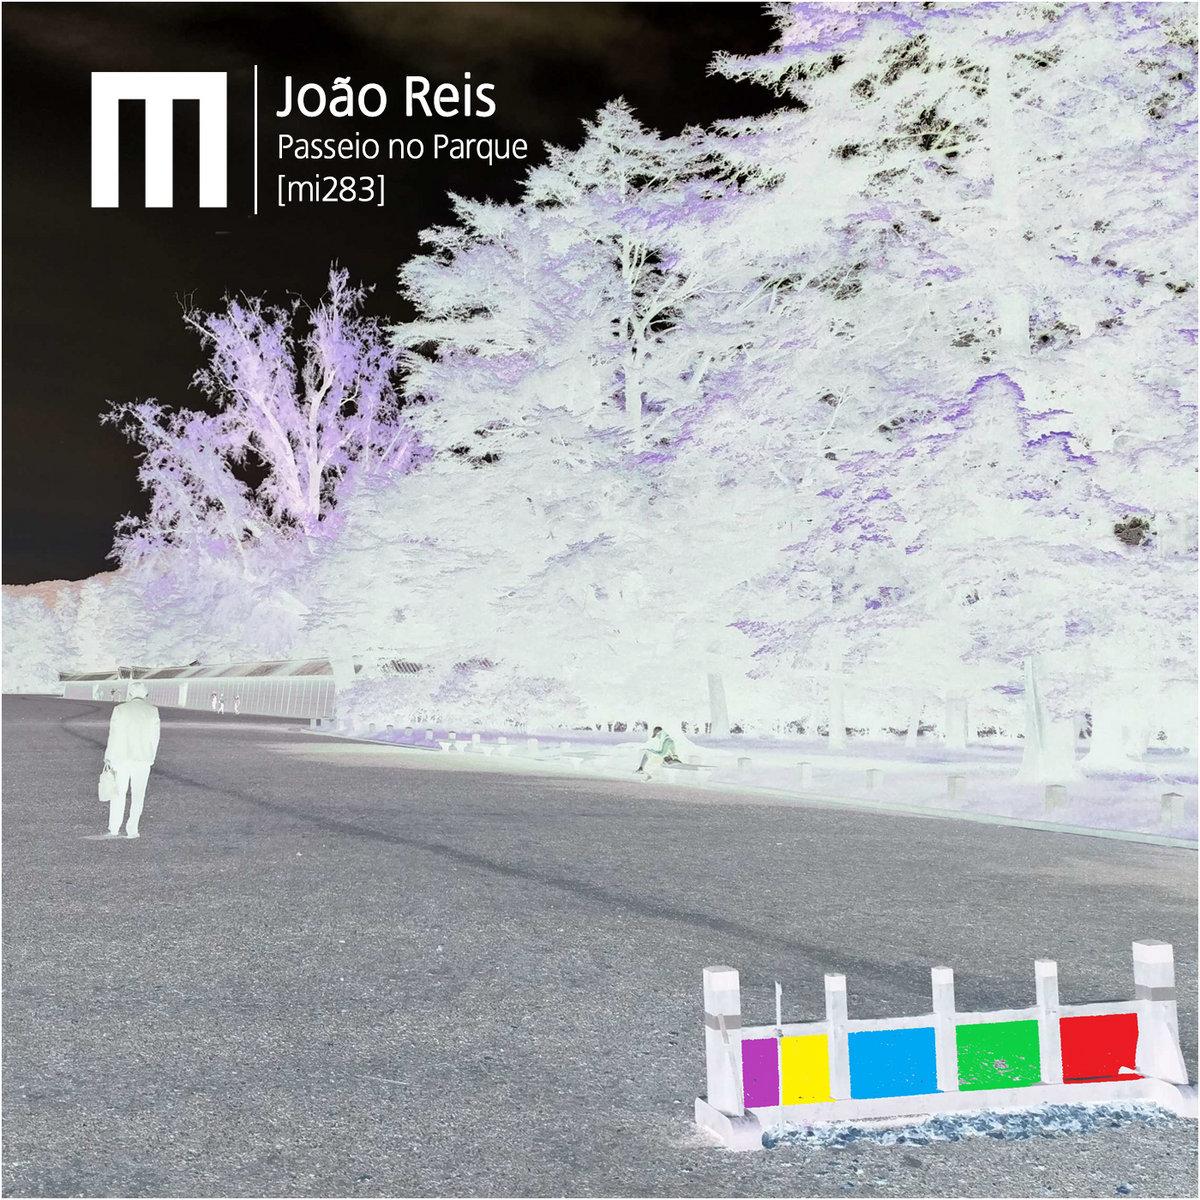 João Reis – Passeio no Parque